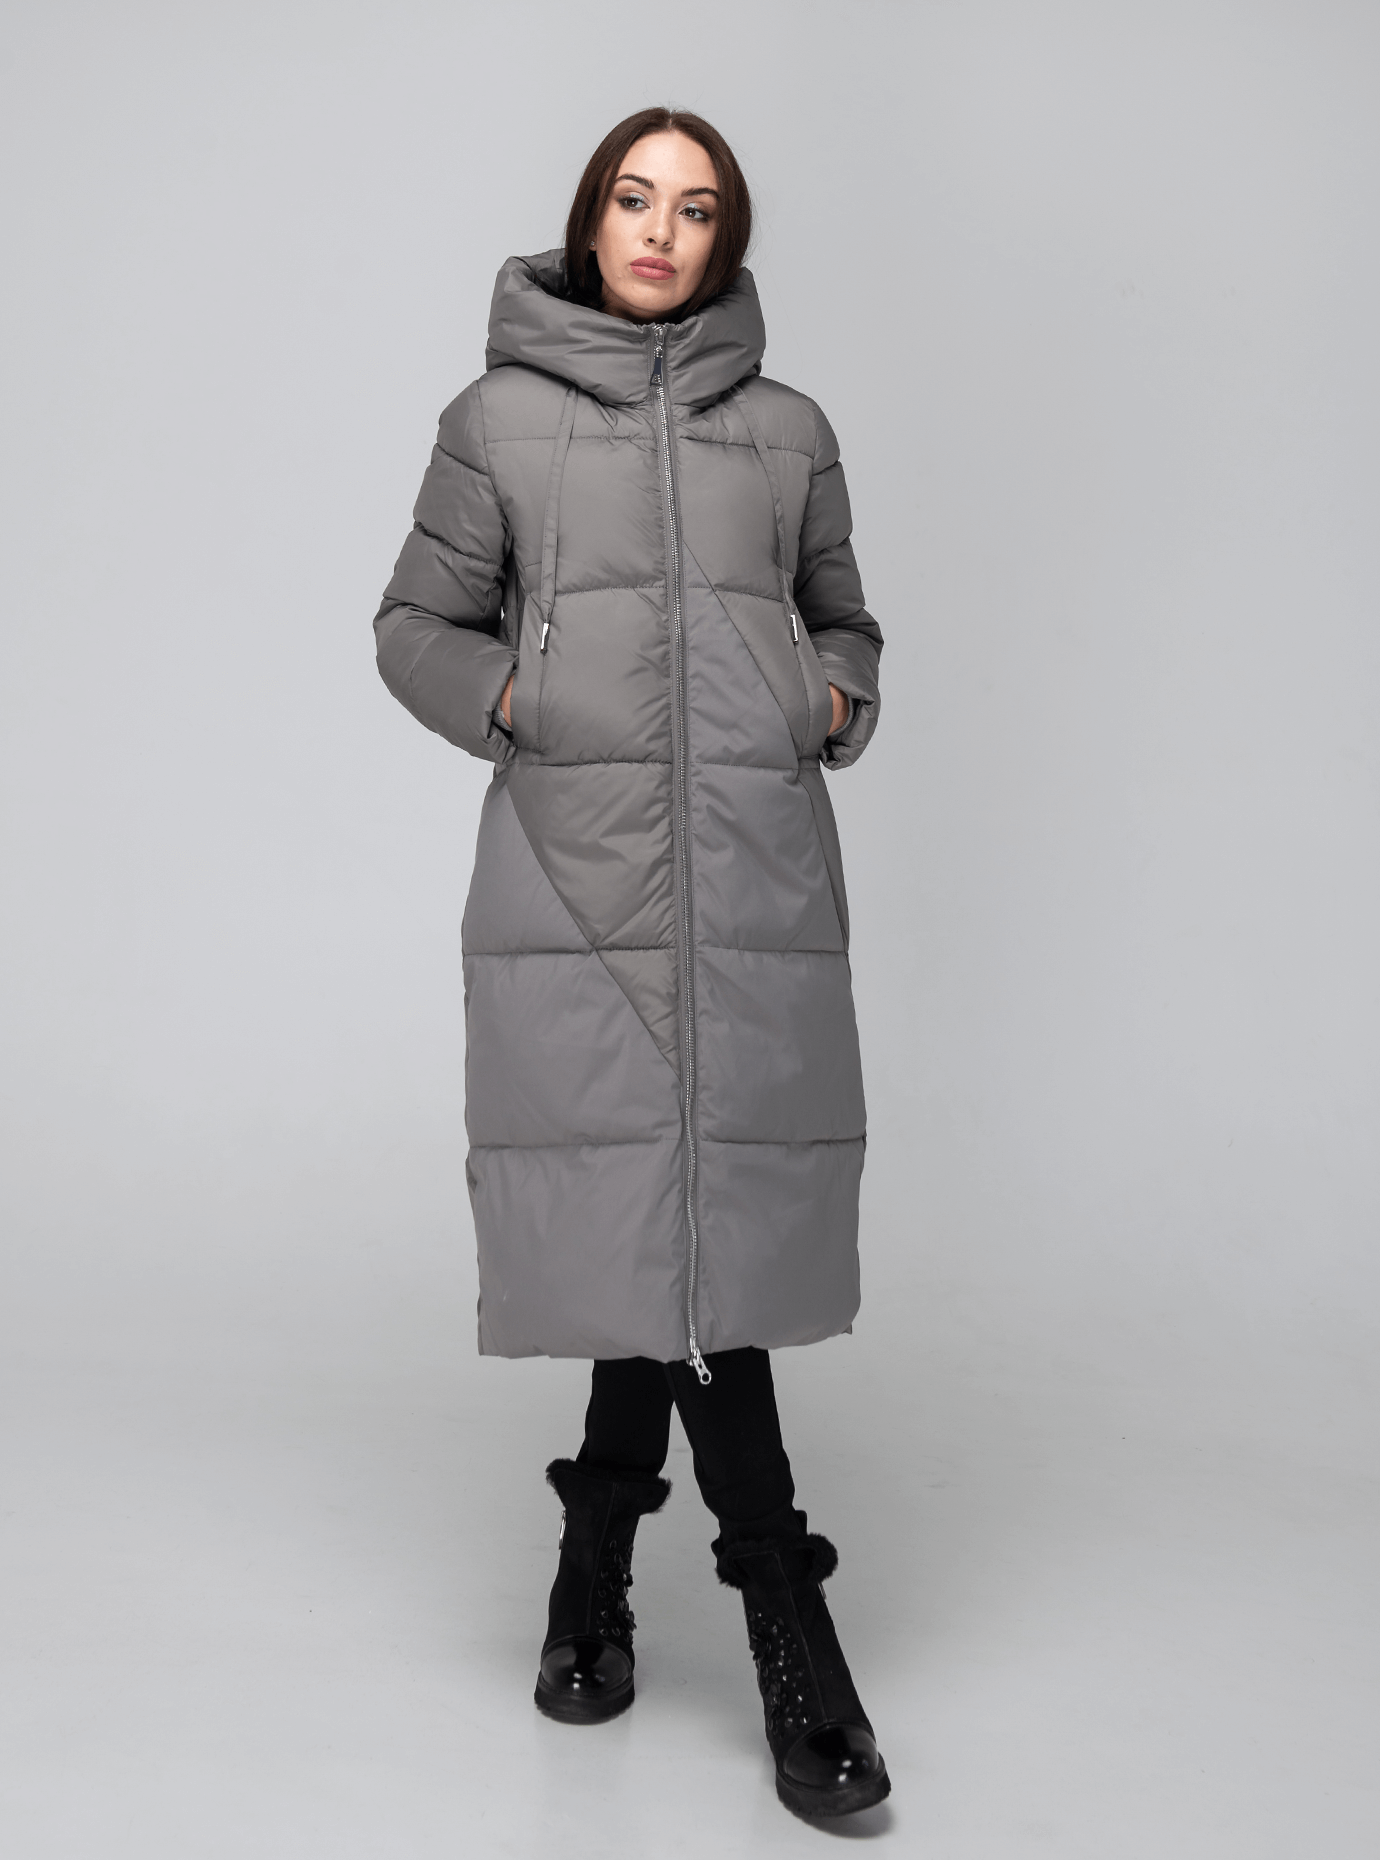 Классическая зимняя женская куртка Серый S (02-190223): фото - Alster.ua